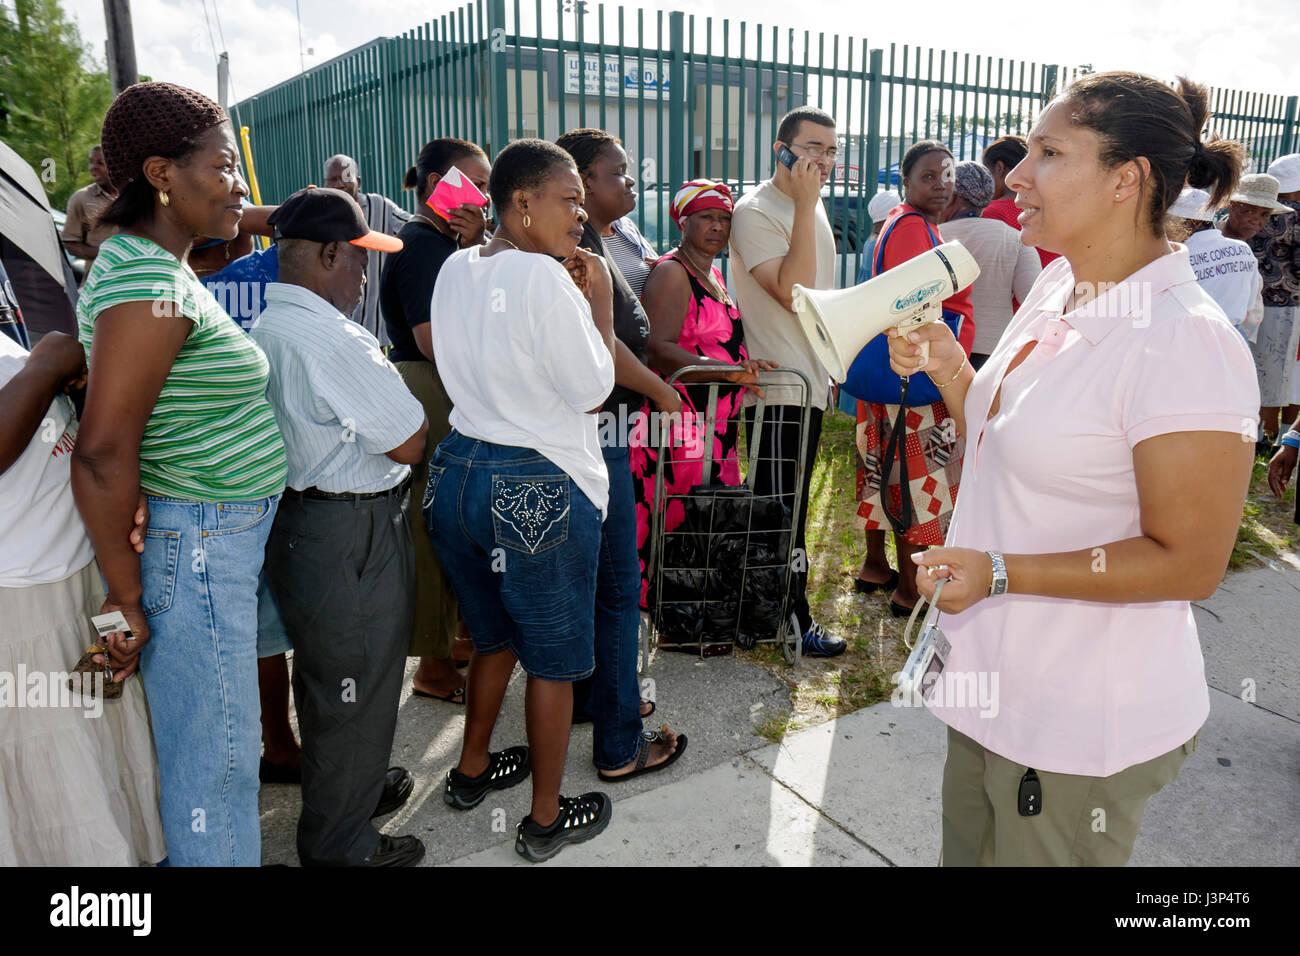 Women seeking men in little haiti